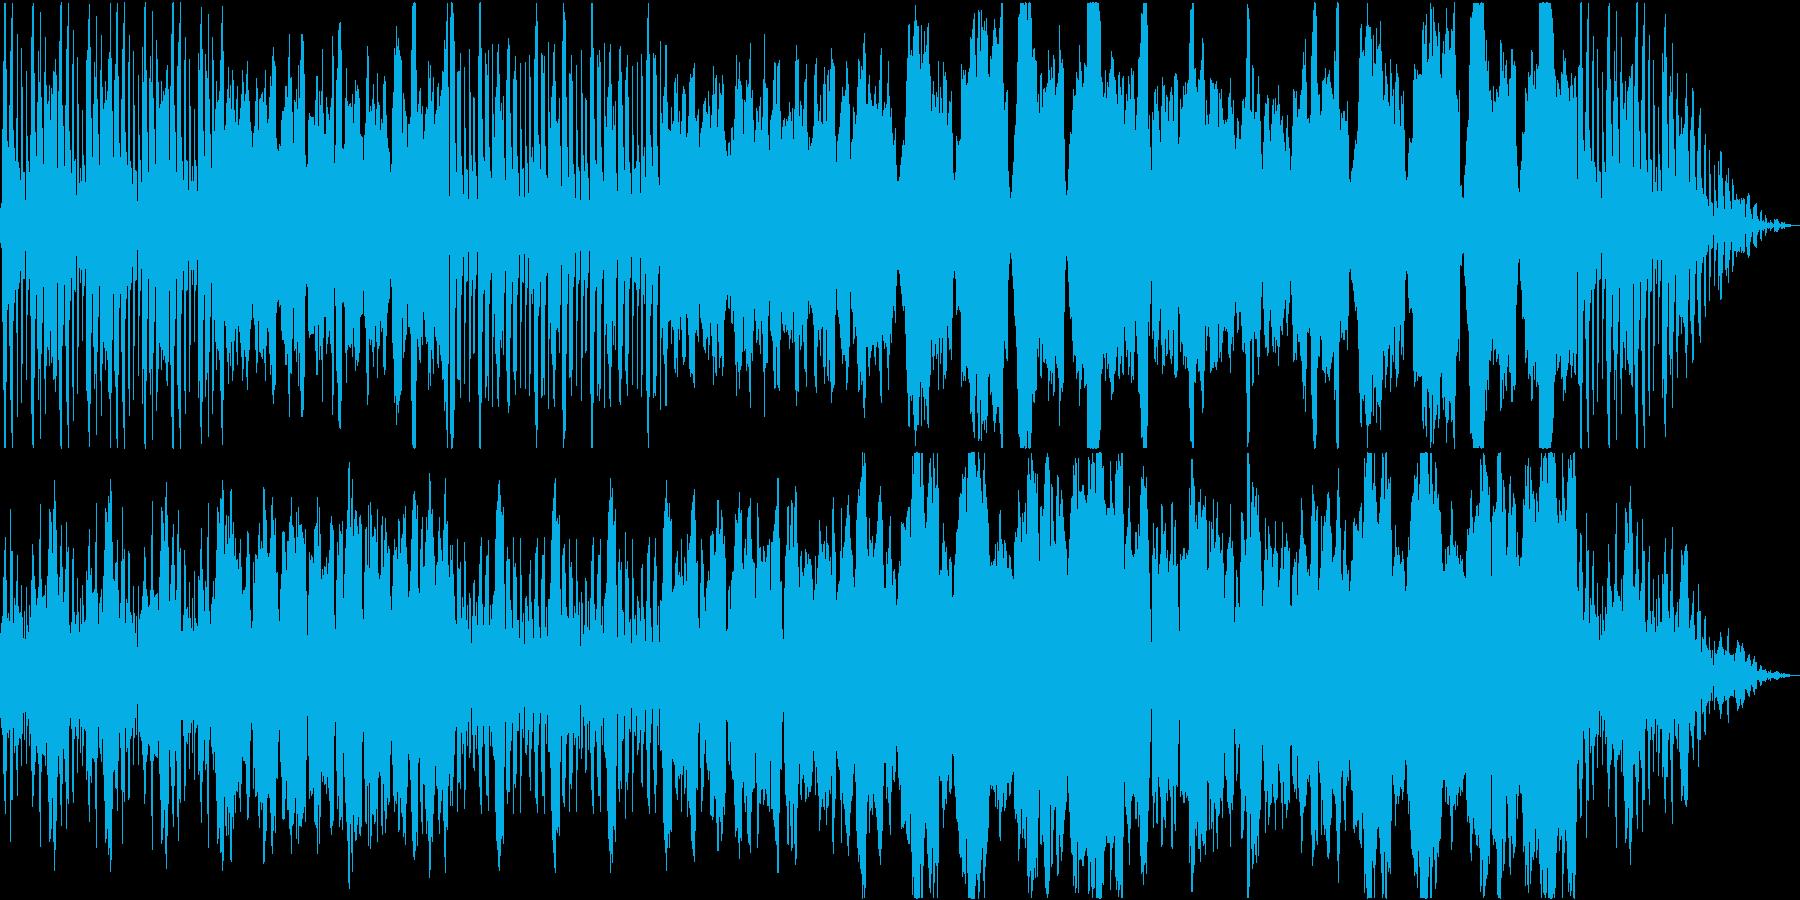 ほのぼのしたホルンの楽曲の再生済みの波形